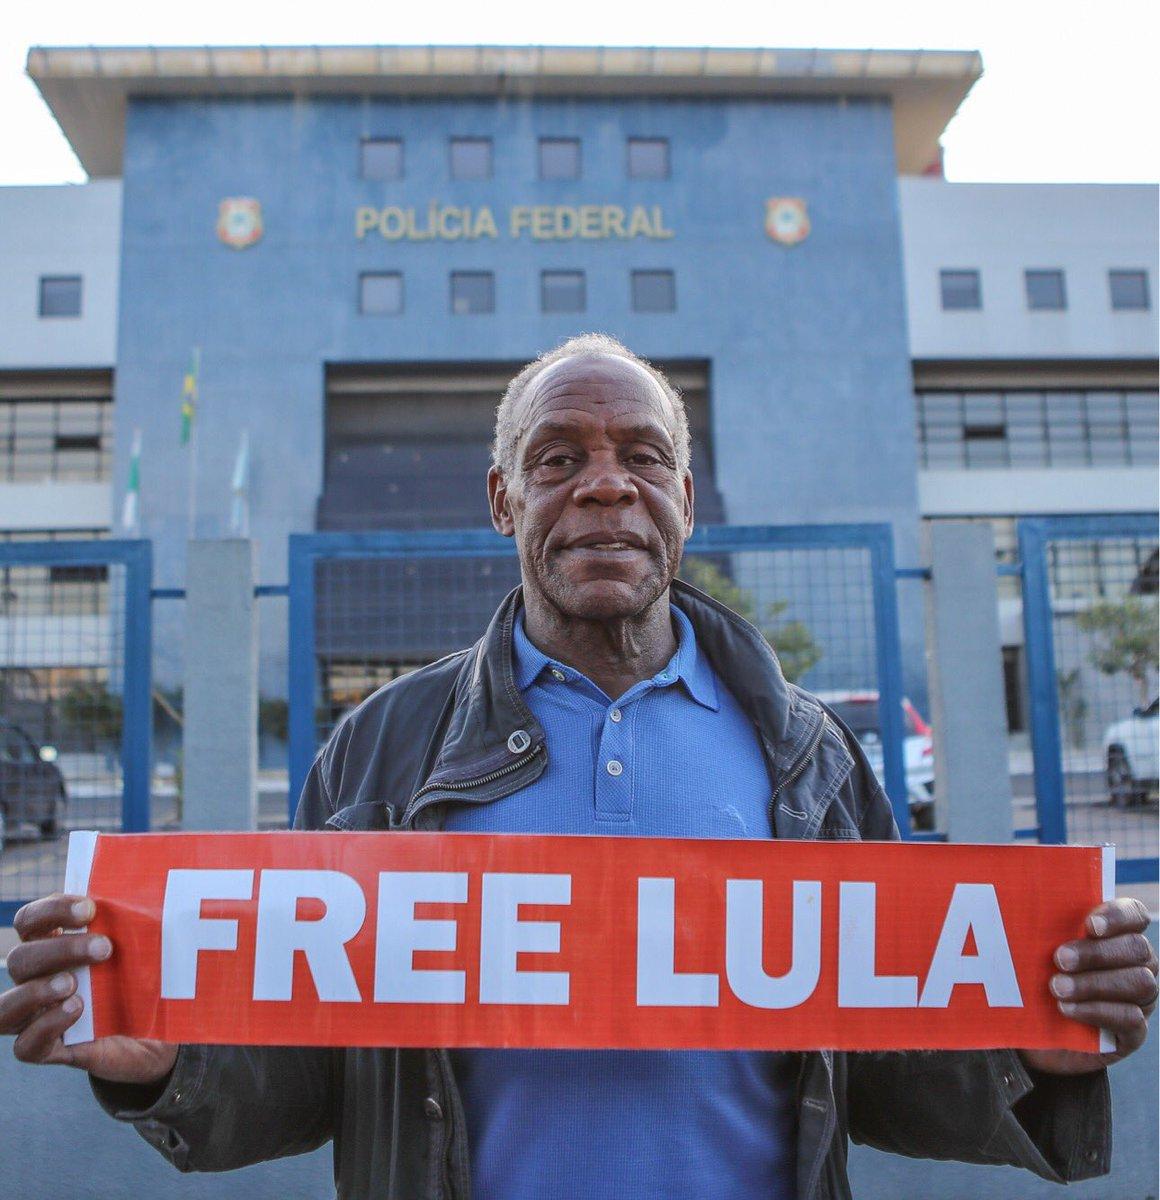 El actor Danny Glover y Dilma Rousseff visitaron a Lula